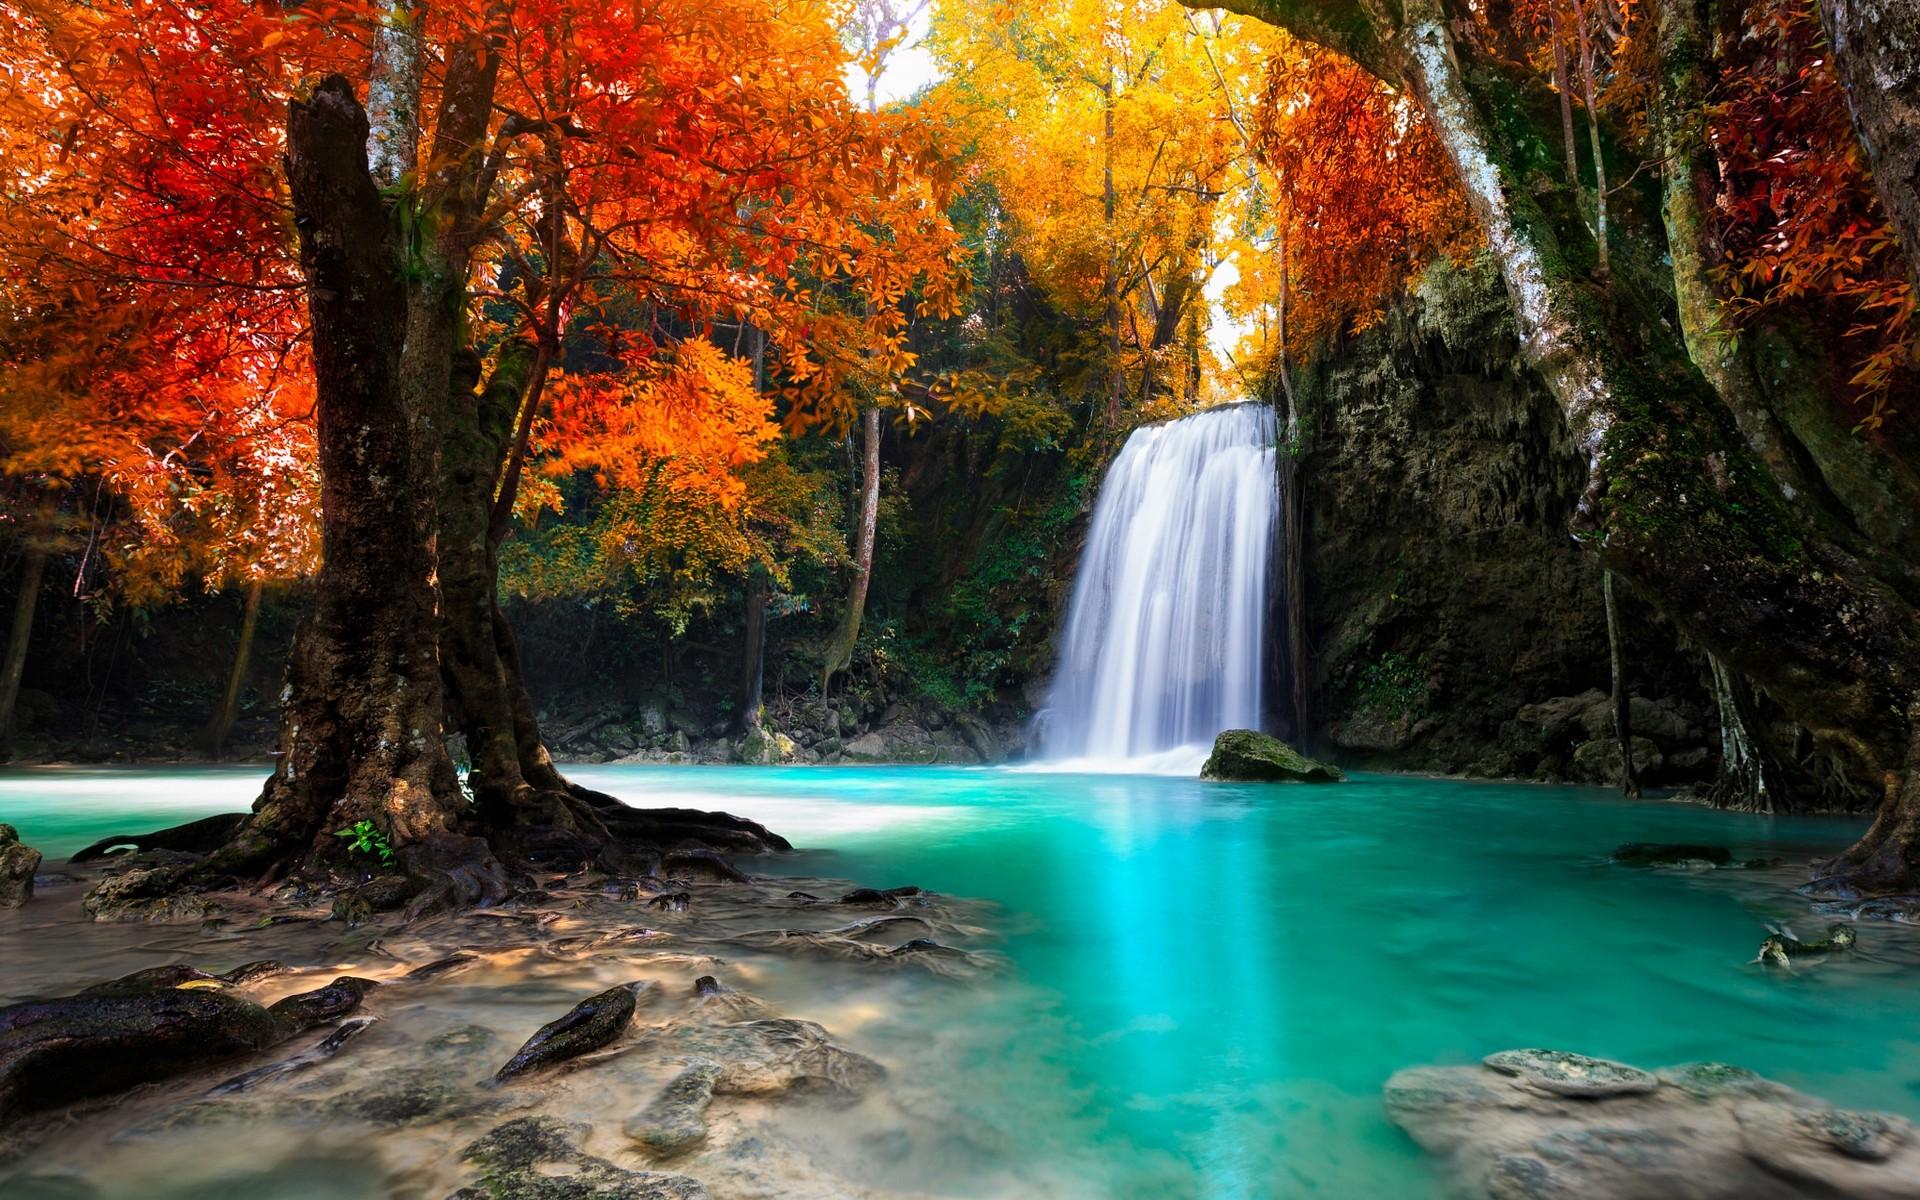 Fall Trees Iphone Wallpaper Fondos Oto 241 O Wallpapers Autumn Fondos De Pantalla De Oto 241 O